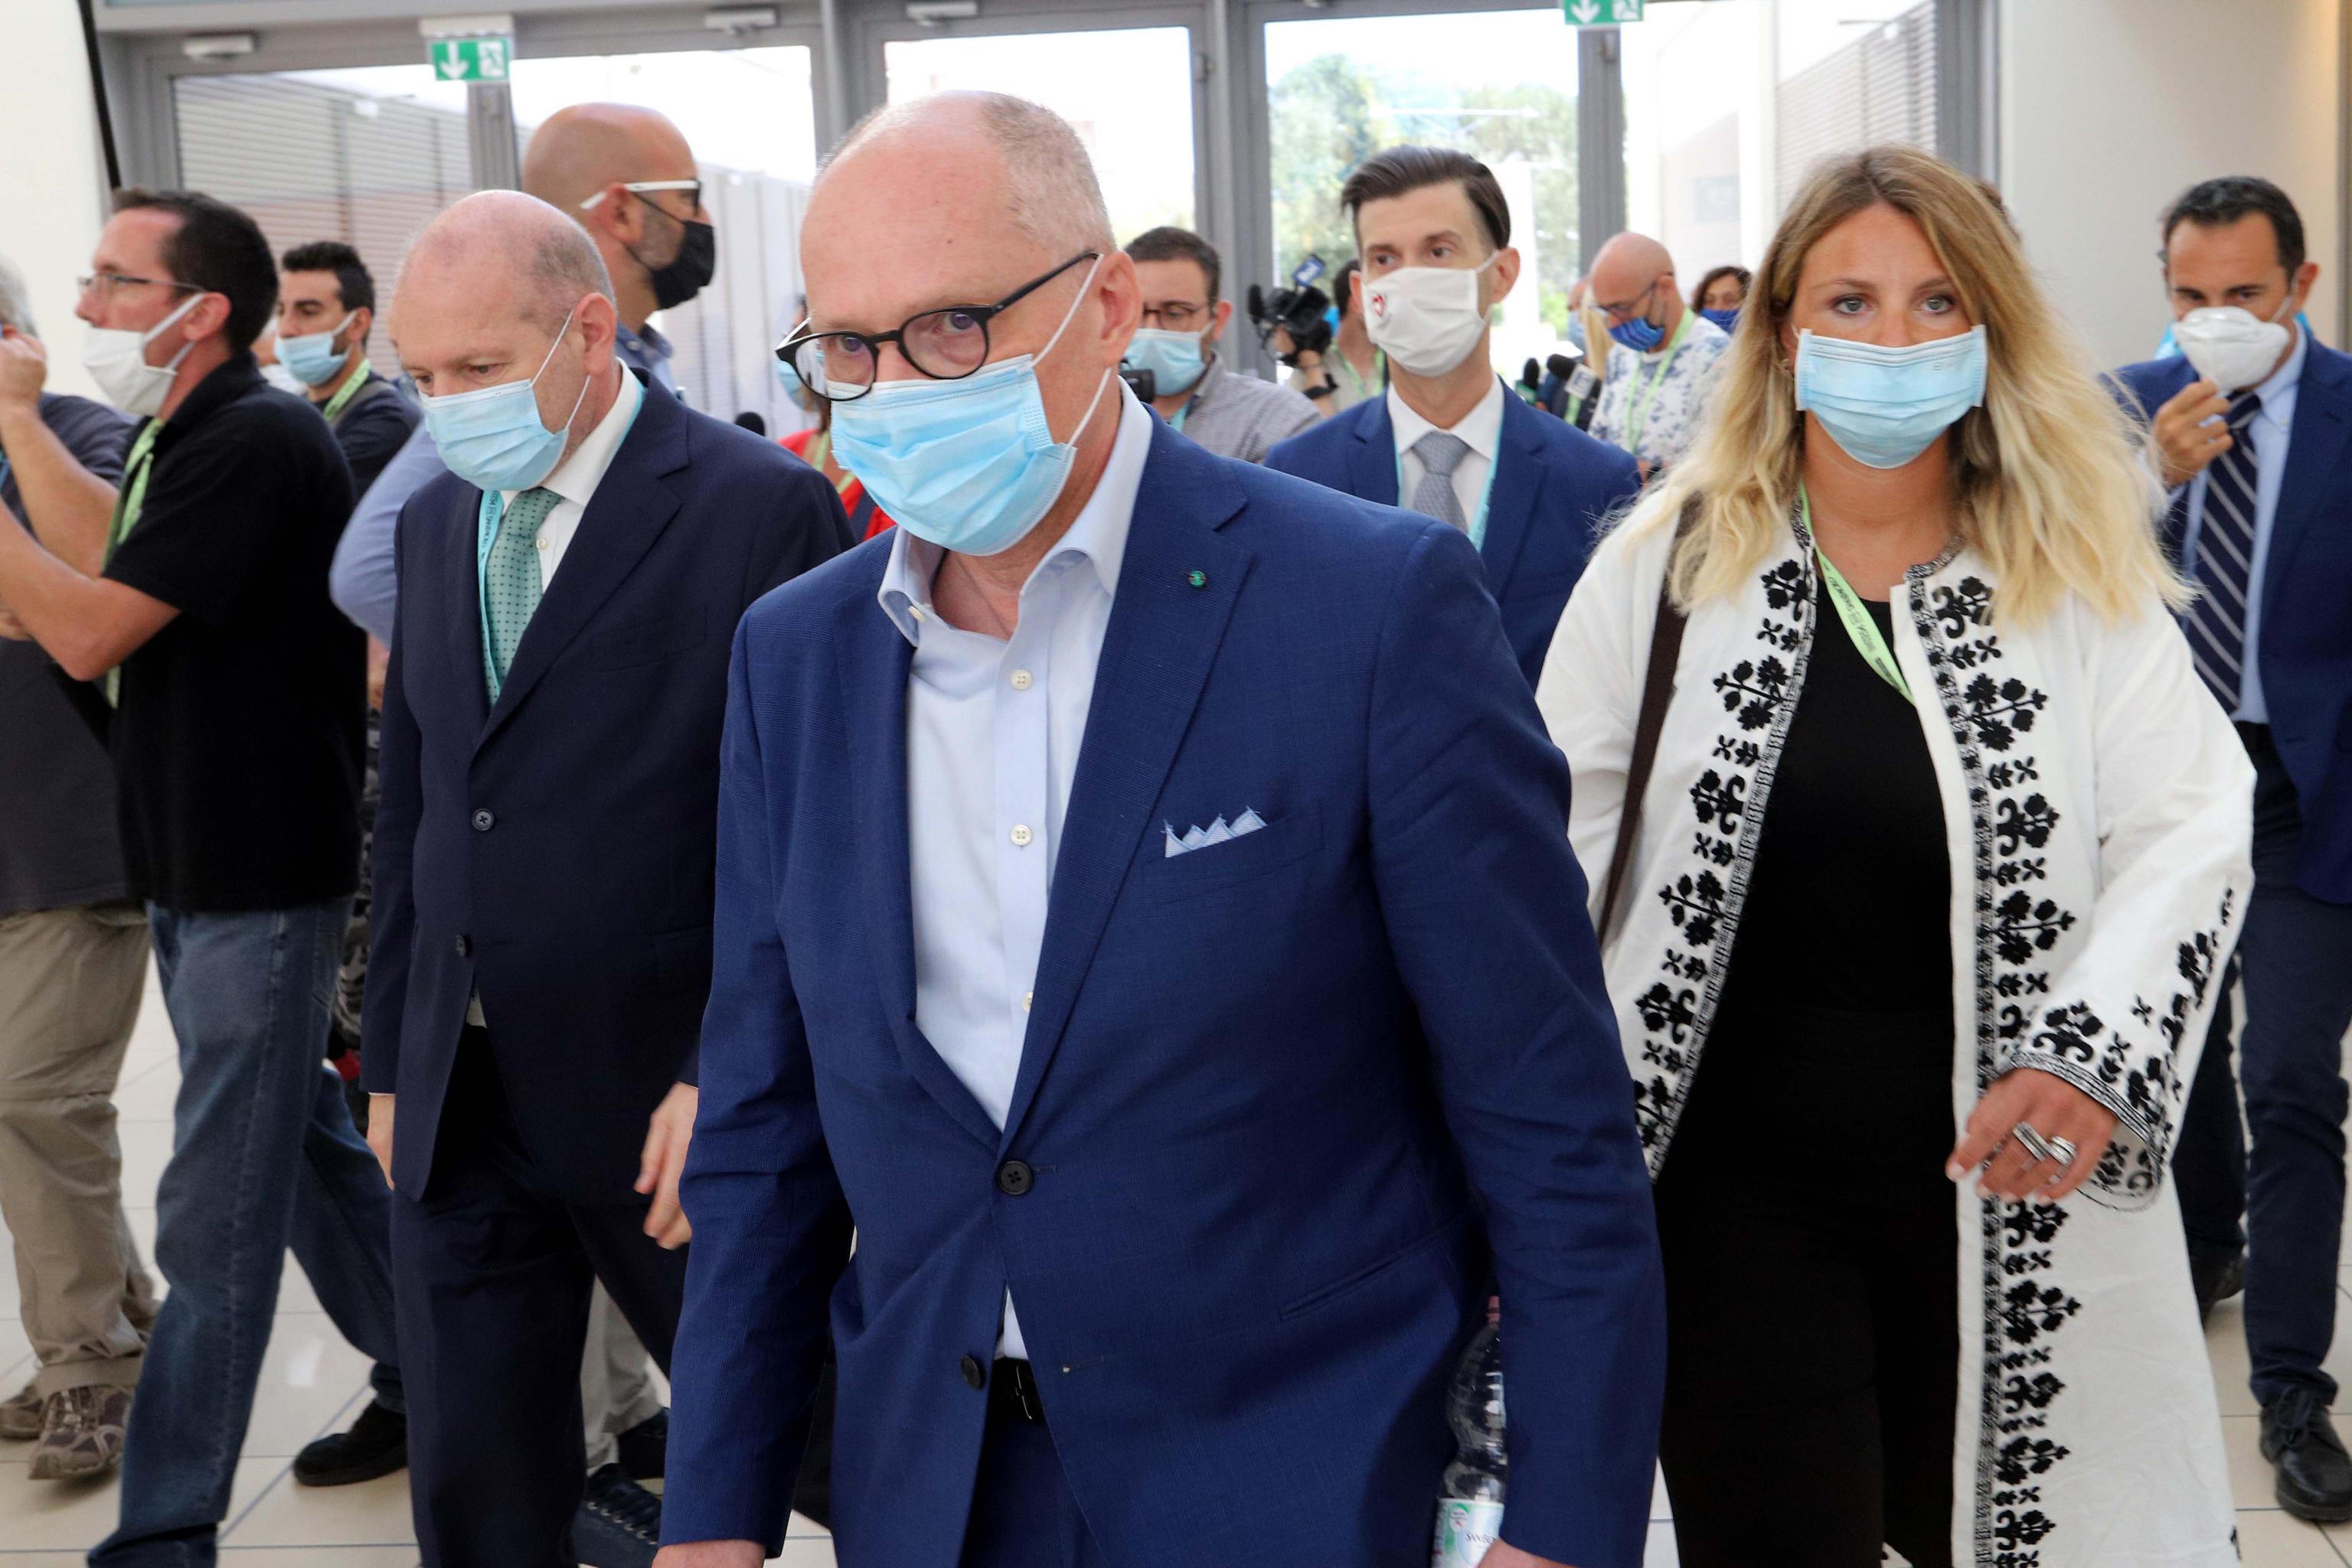 Coronavirus, Ricciardi attacca Londra: «La variante inglese? Sapevano da tre mesi e hanno taciuto. Ora serve il lockdown»